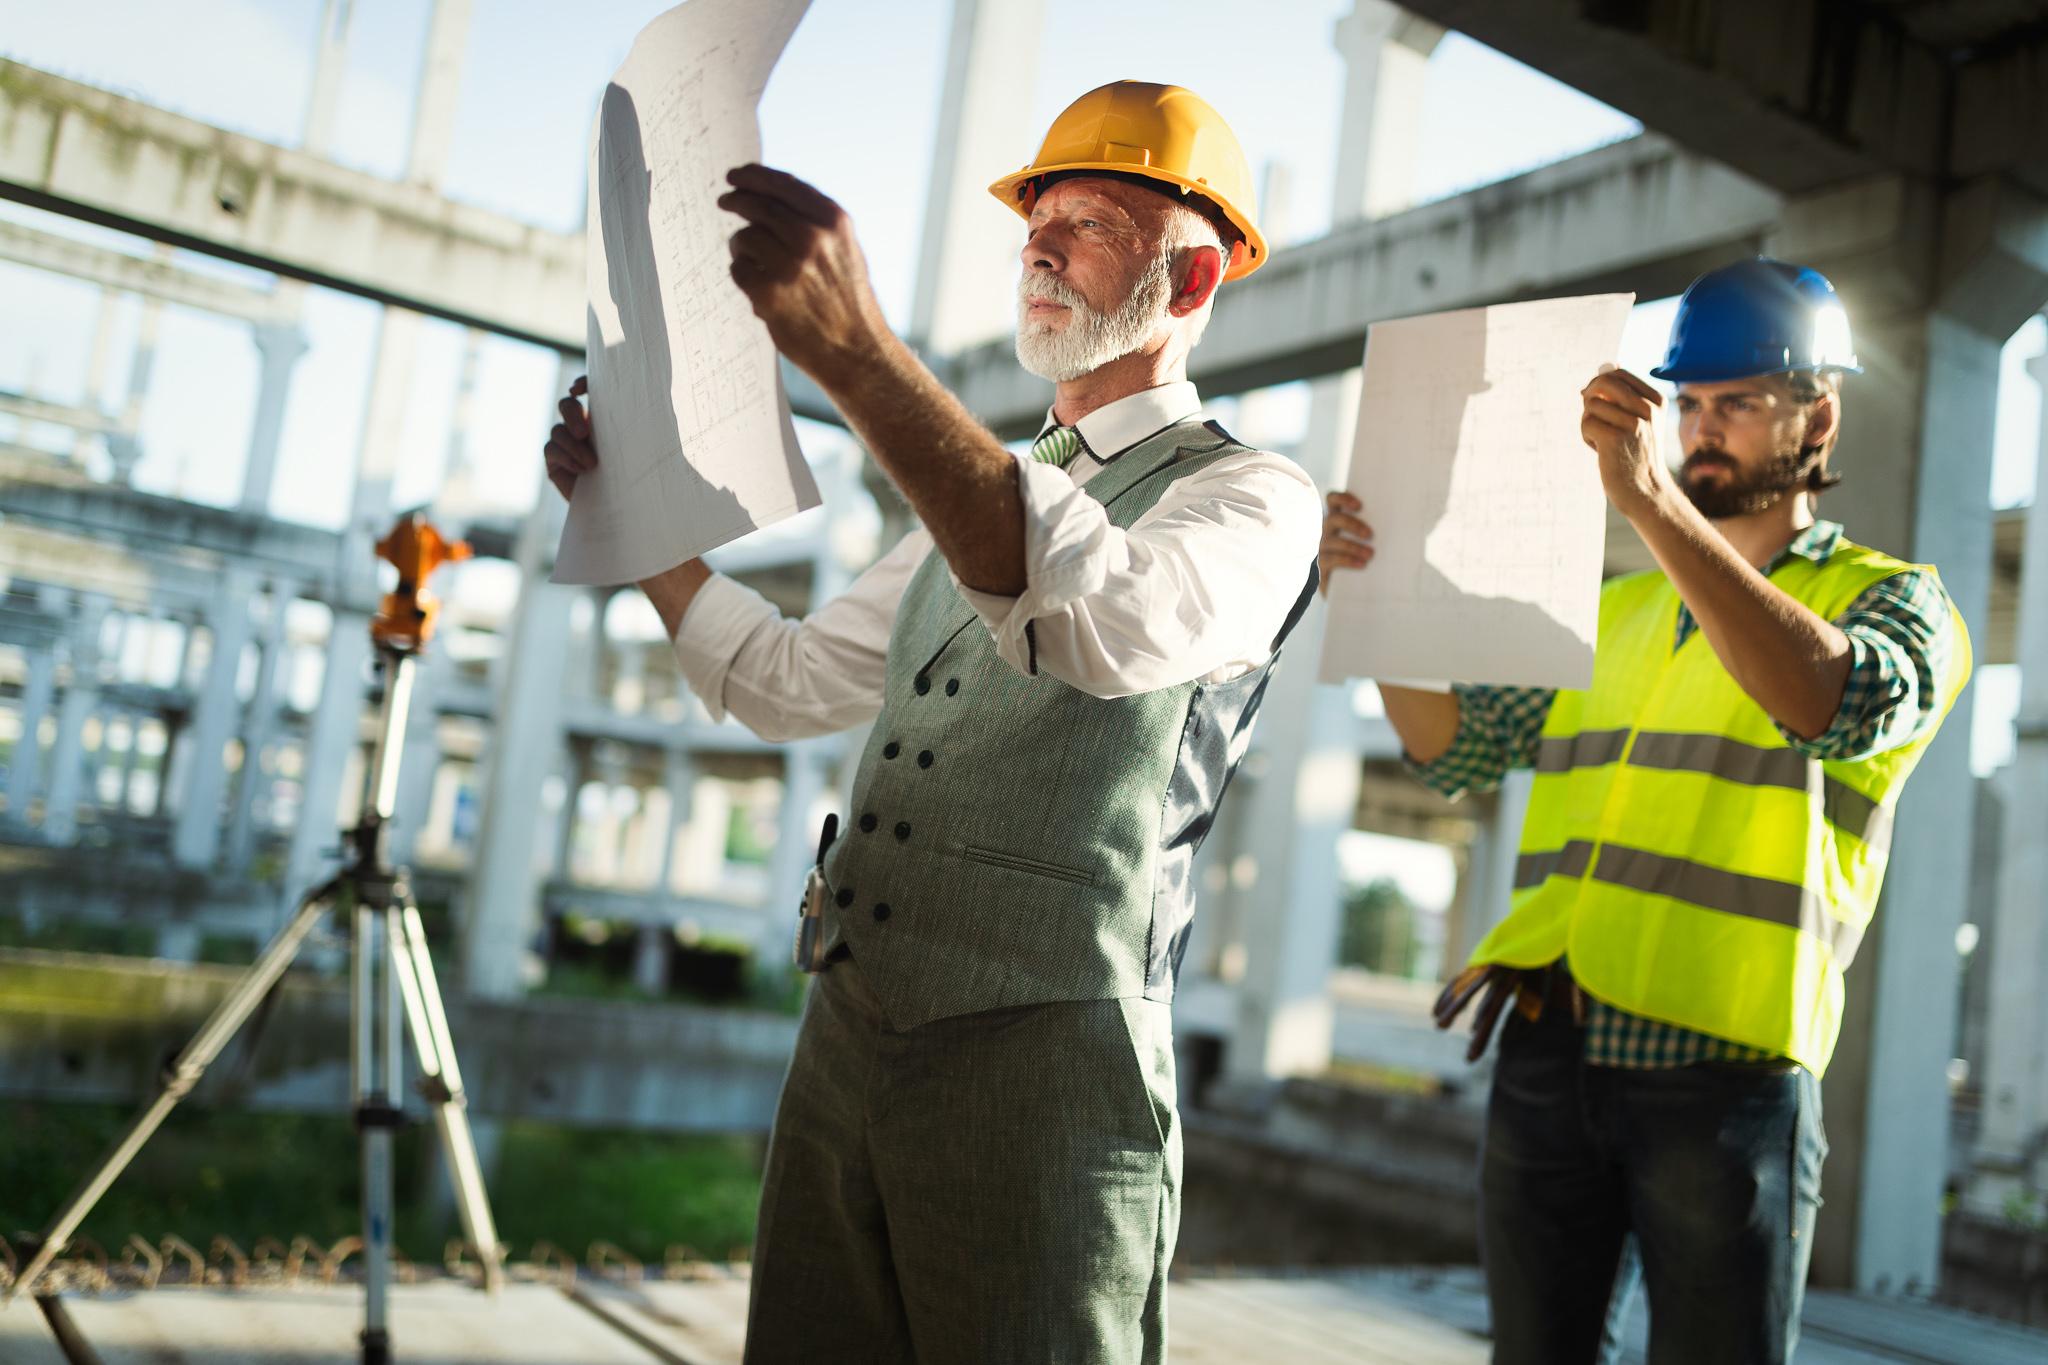 Engenharia e segurança no trabalho